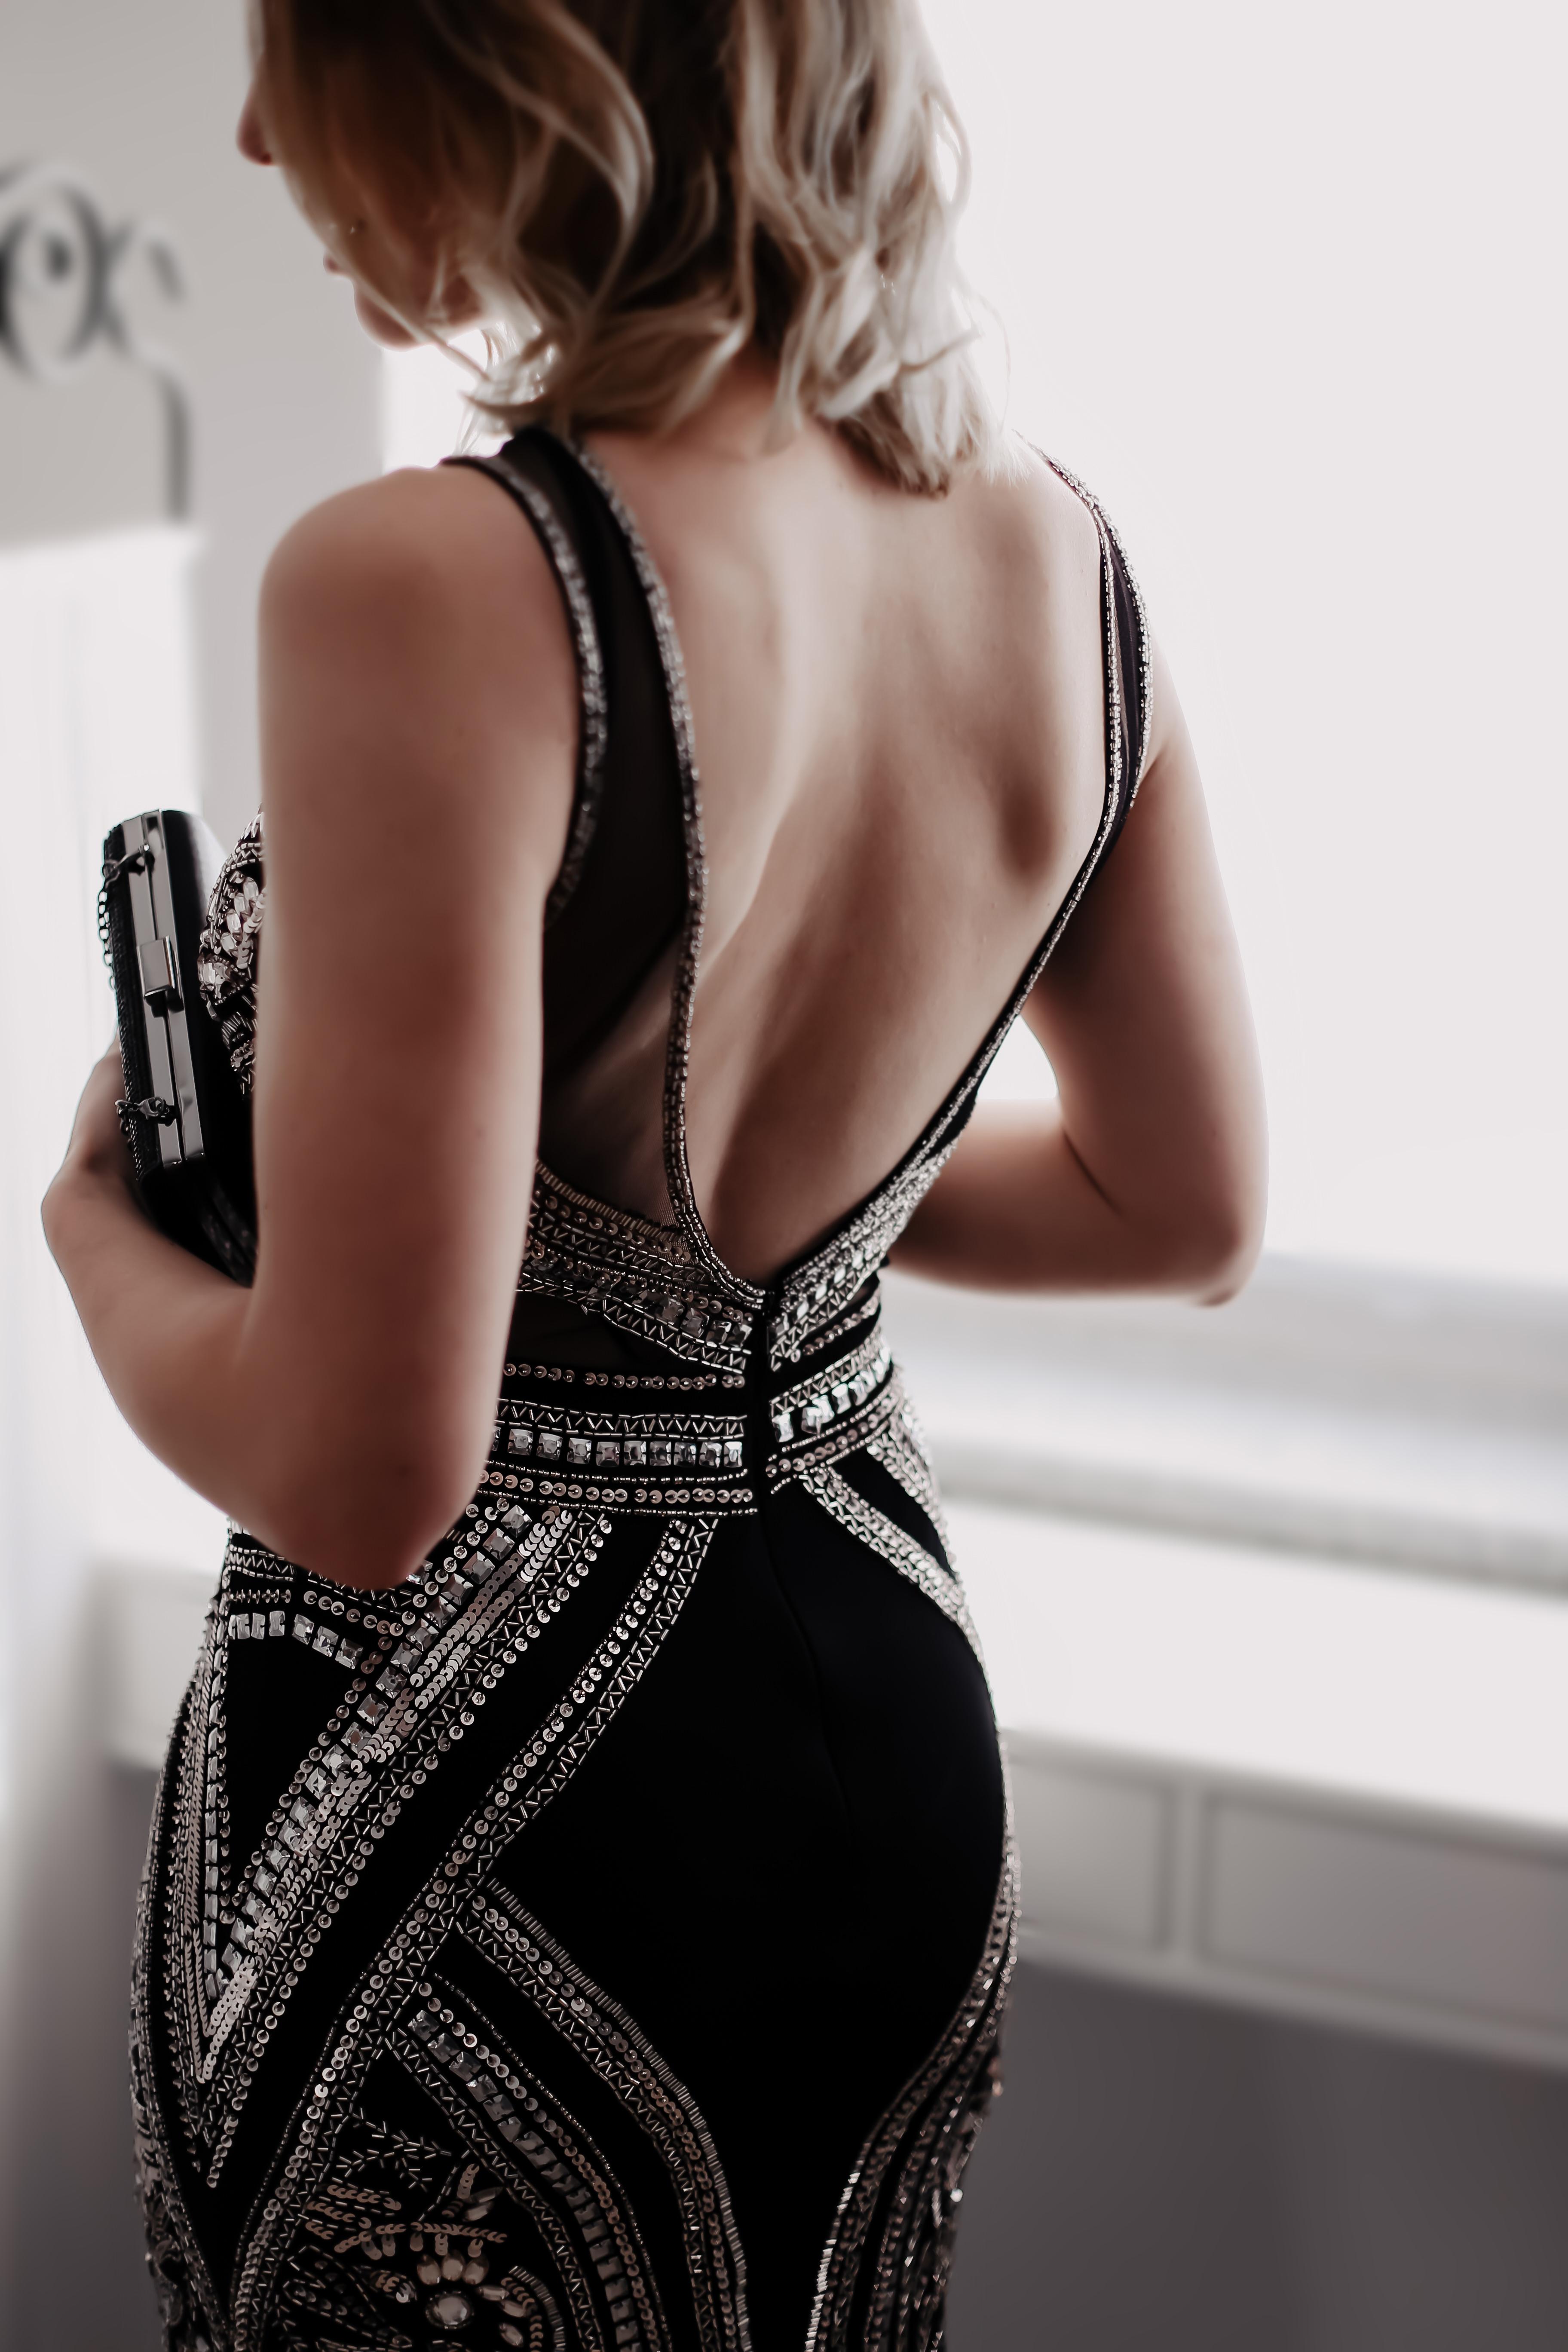 Auf meinem Modeblog findest du heute den richtigen Dresscode für feierliche Anlässe. In meiner Dresscode-Übersicht stelle ich dir folgende Fashion-Formeln genauer vor: Hochzeit, White Tie, Informal, Semi-Formal, Black Tie, Formal, Cocktail, Abendgarderobe, Black and White, dunkler Anzug, Smoking, sommerlich festlich; Welcher Dresscode für welchen festlichen Rahmen geeignet ist und passende Outfits sowie Shopping-Tipps findest du auf whoismocca.com#dresscode